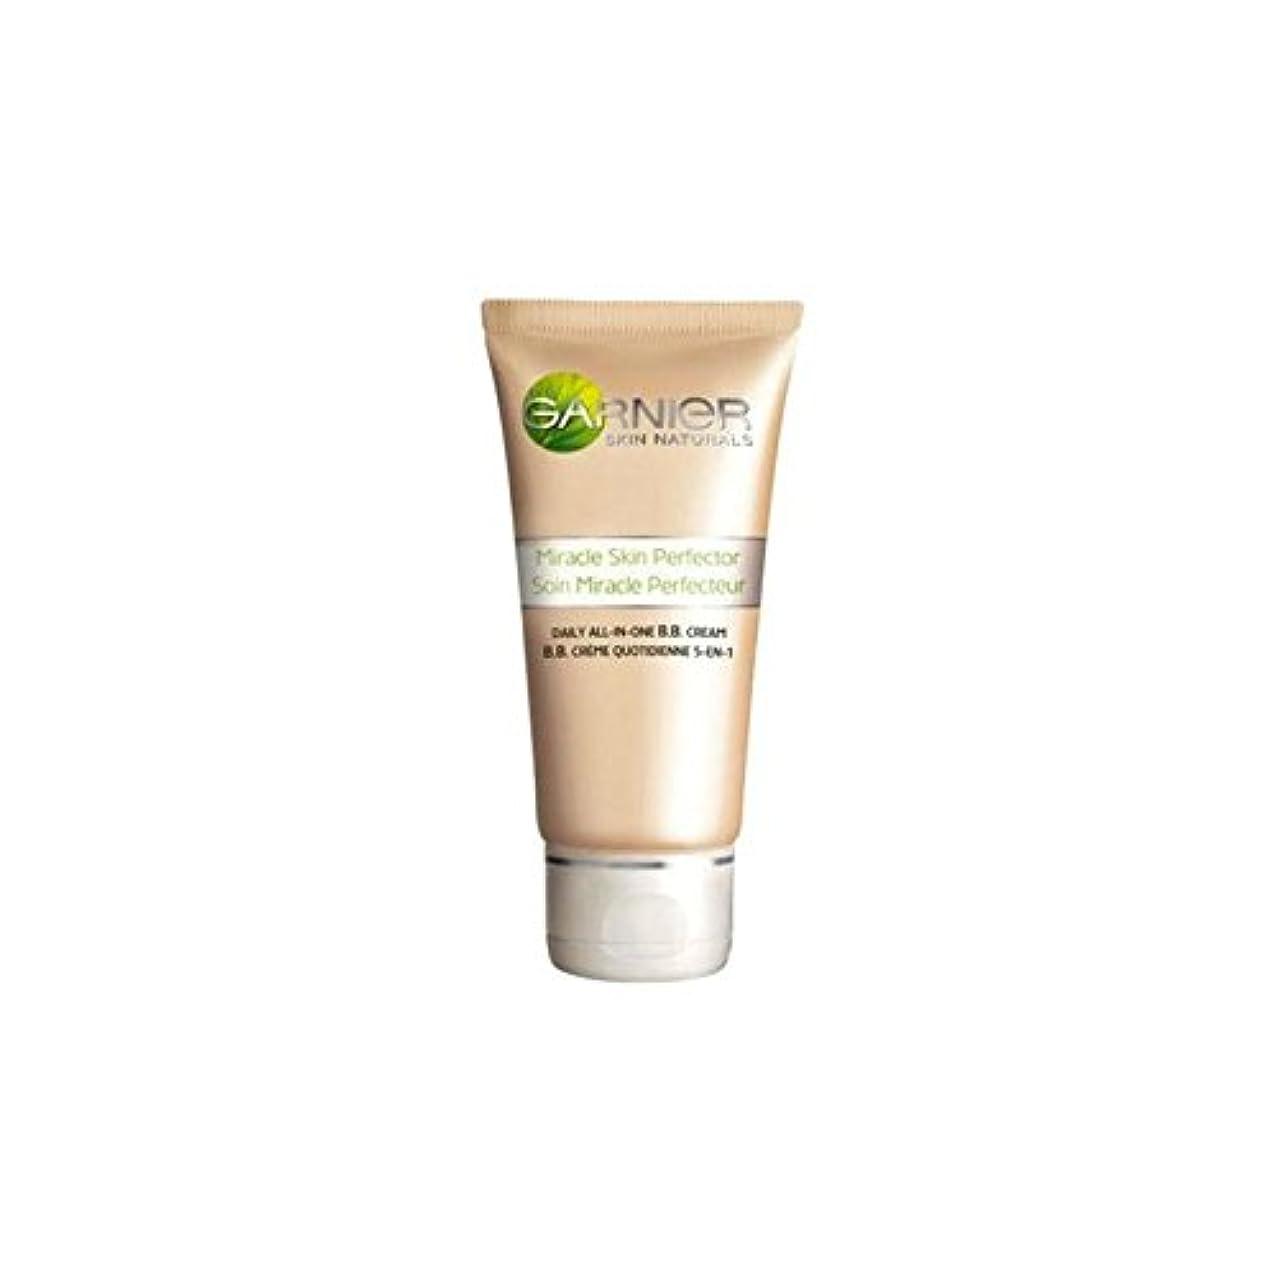 宿る早熟リストGarnier Original Medium Bb Cream (50ml) (Pack of 6) - ガルニエオリジナル媒体クリーム(50)中 x6 [並行輸入品]